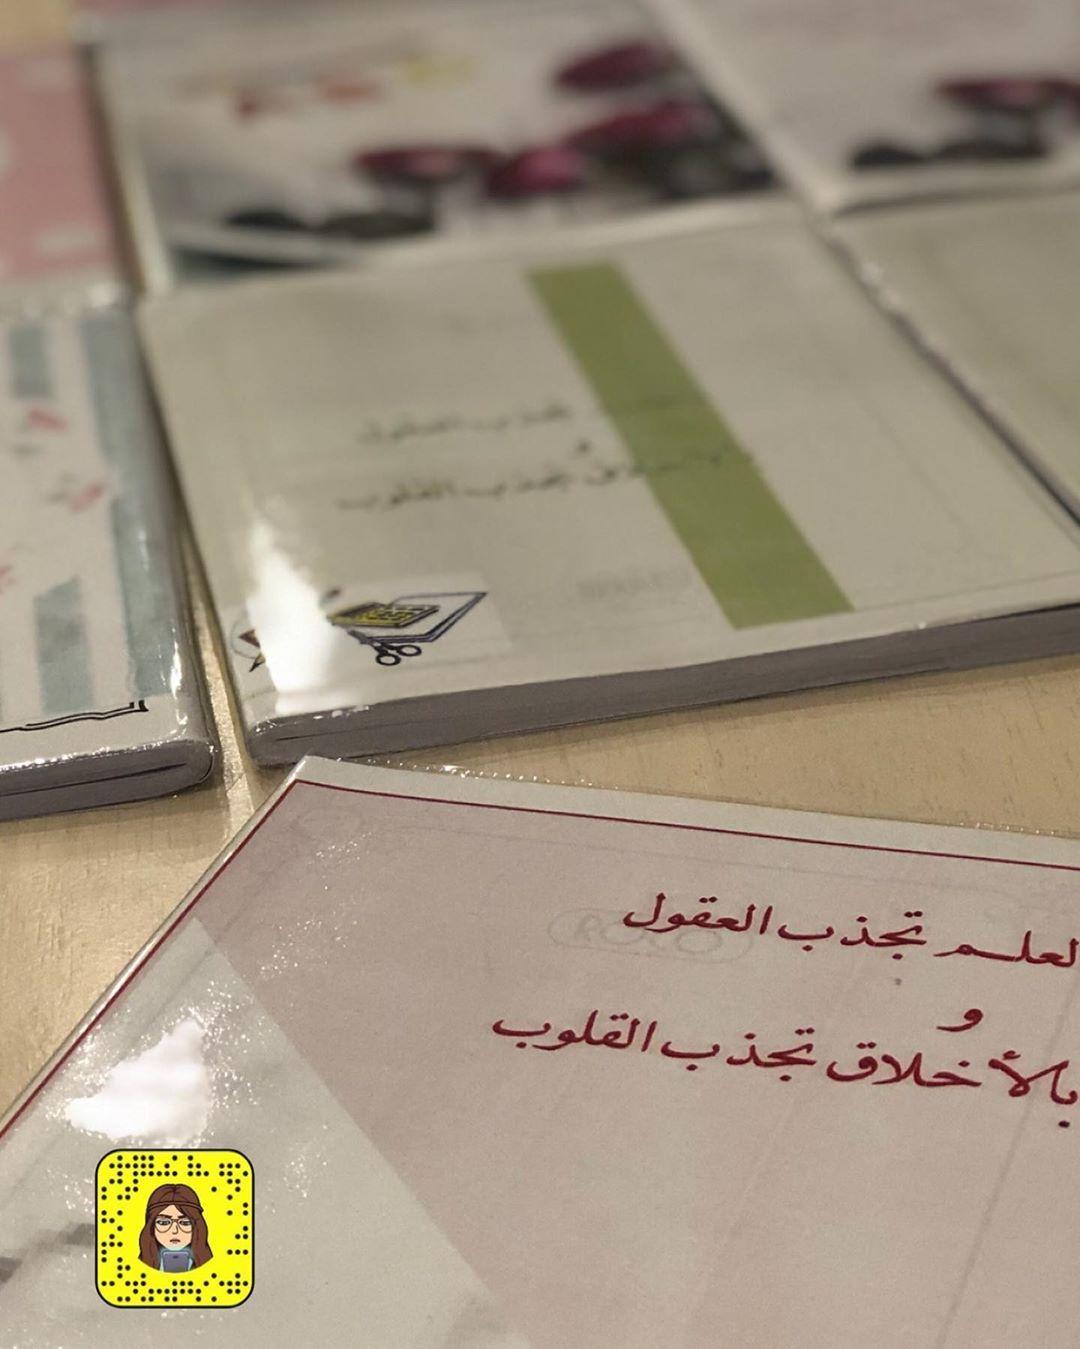 ملف انجاز الطالب بالعلم تجذب العقول وبالأخلاق تجذب القلوب مصطفى نور الدين Cards Against Humanity Cards Sheet Pan